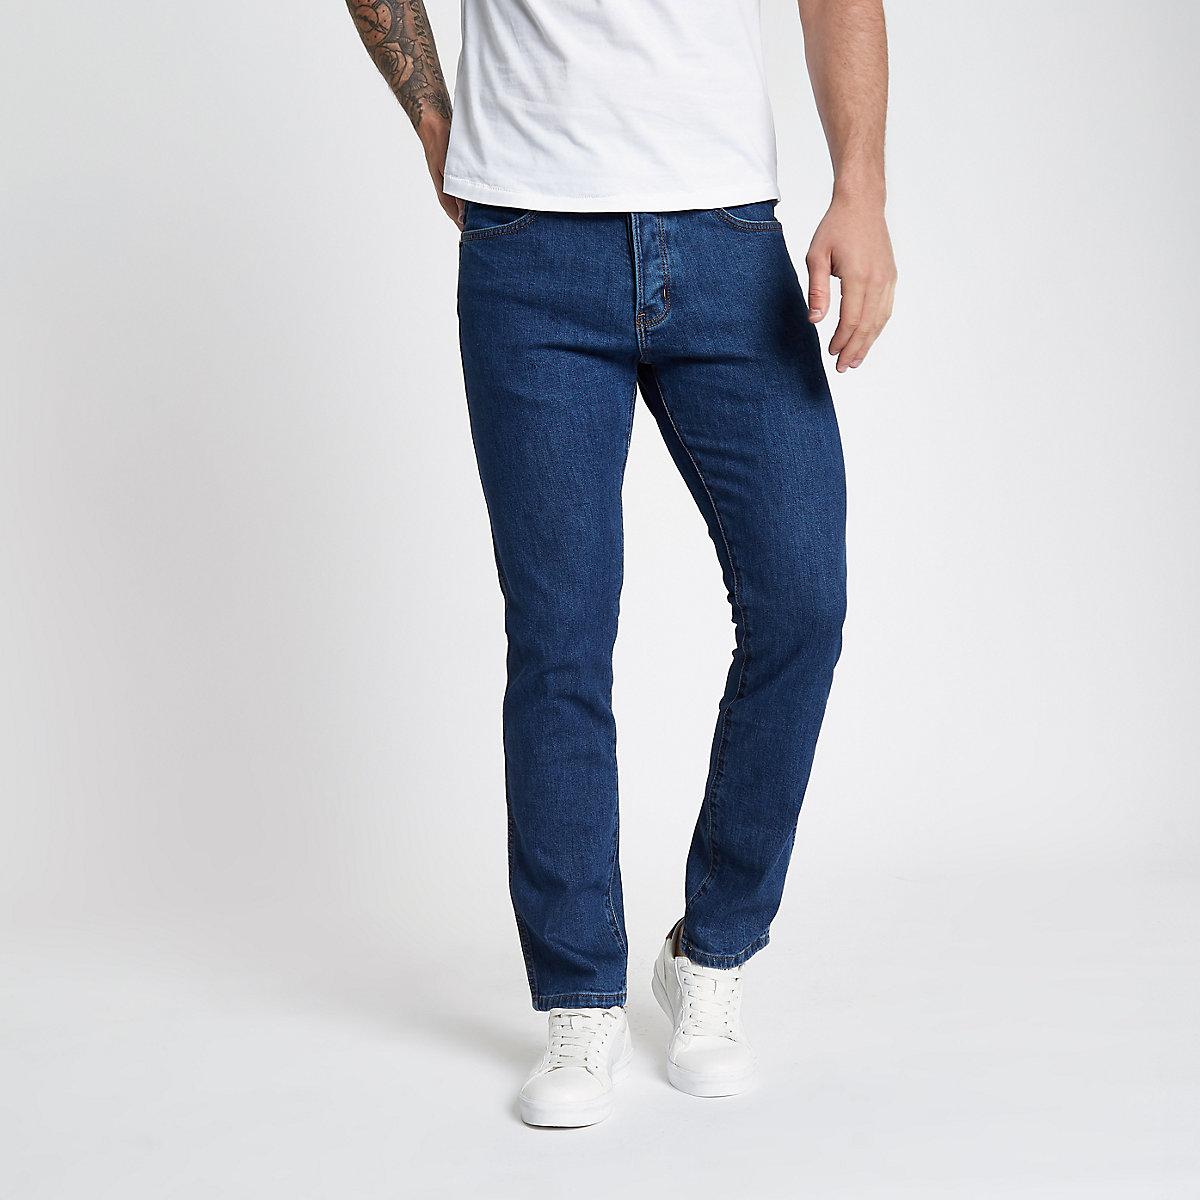 Wrangler blue Spencer jeans